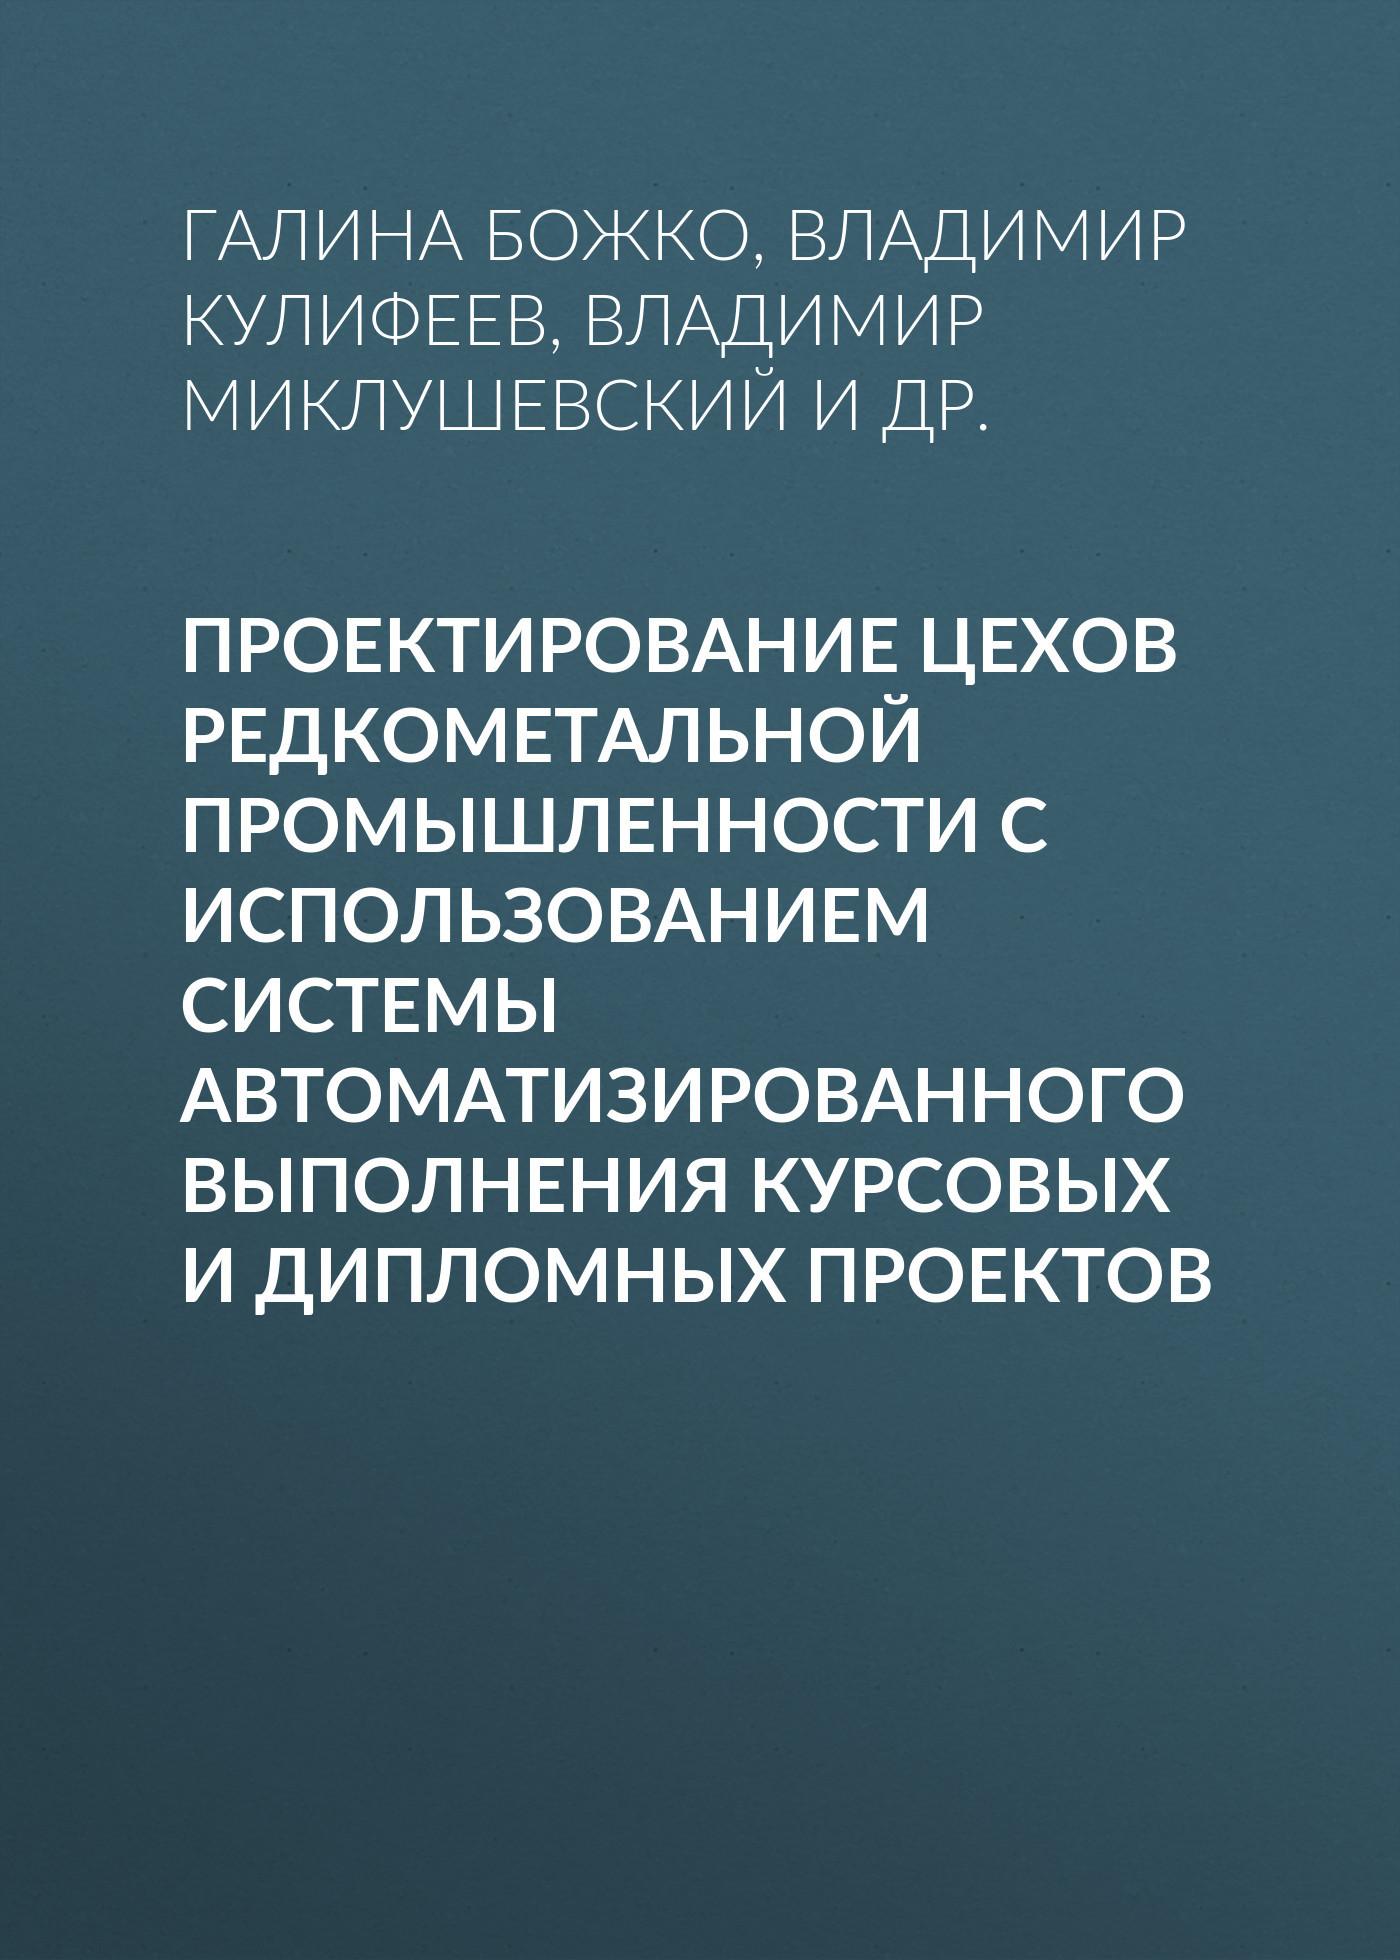 Владимир Кулифеев Проектирование цехов редкометальной промышленности с использованием системы автоматизированного выполнения курсовых и дипломных проектов